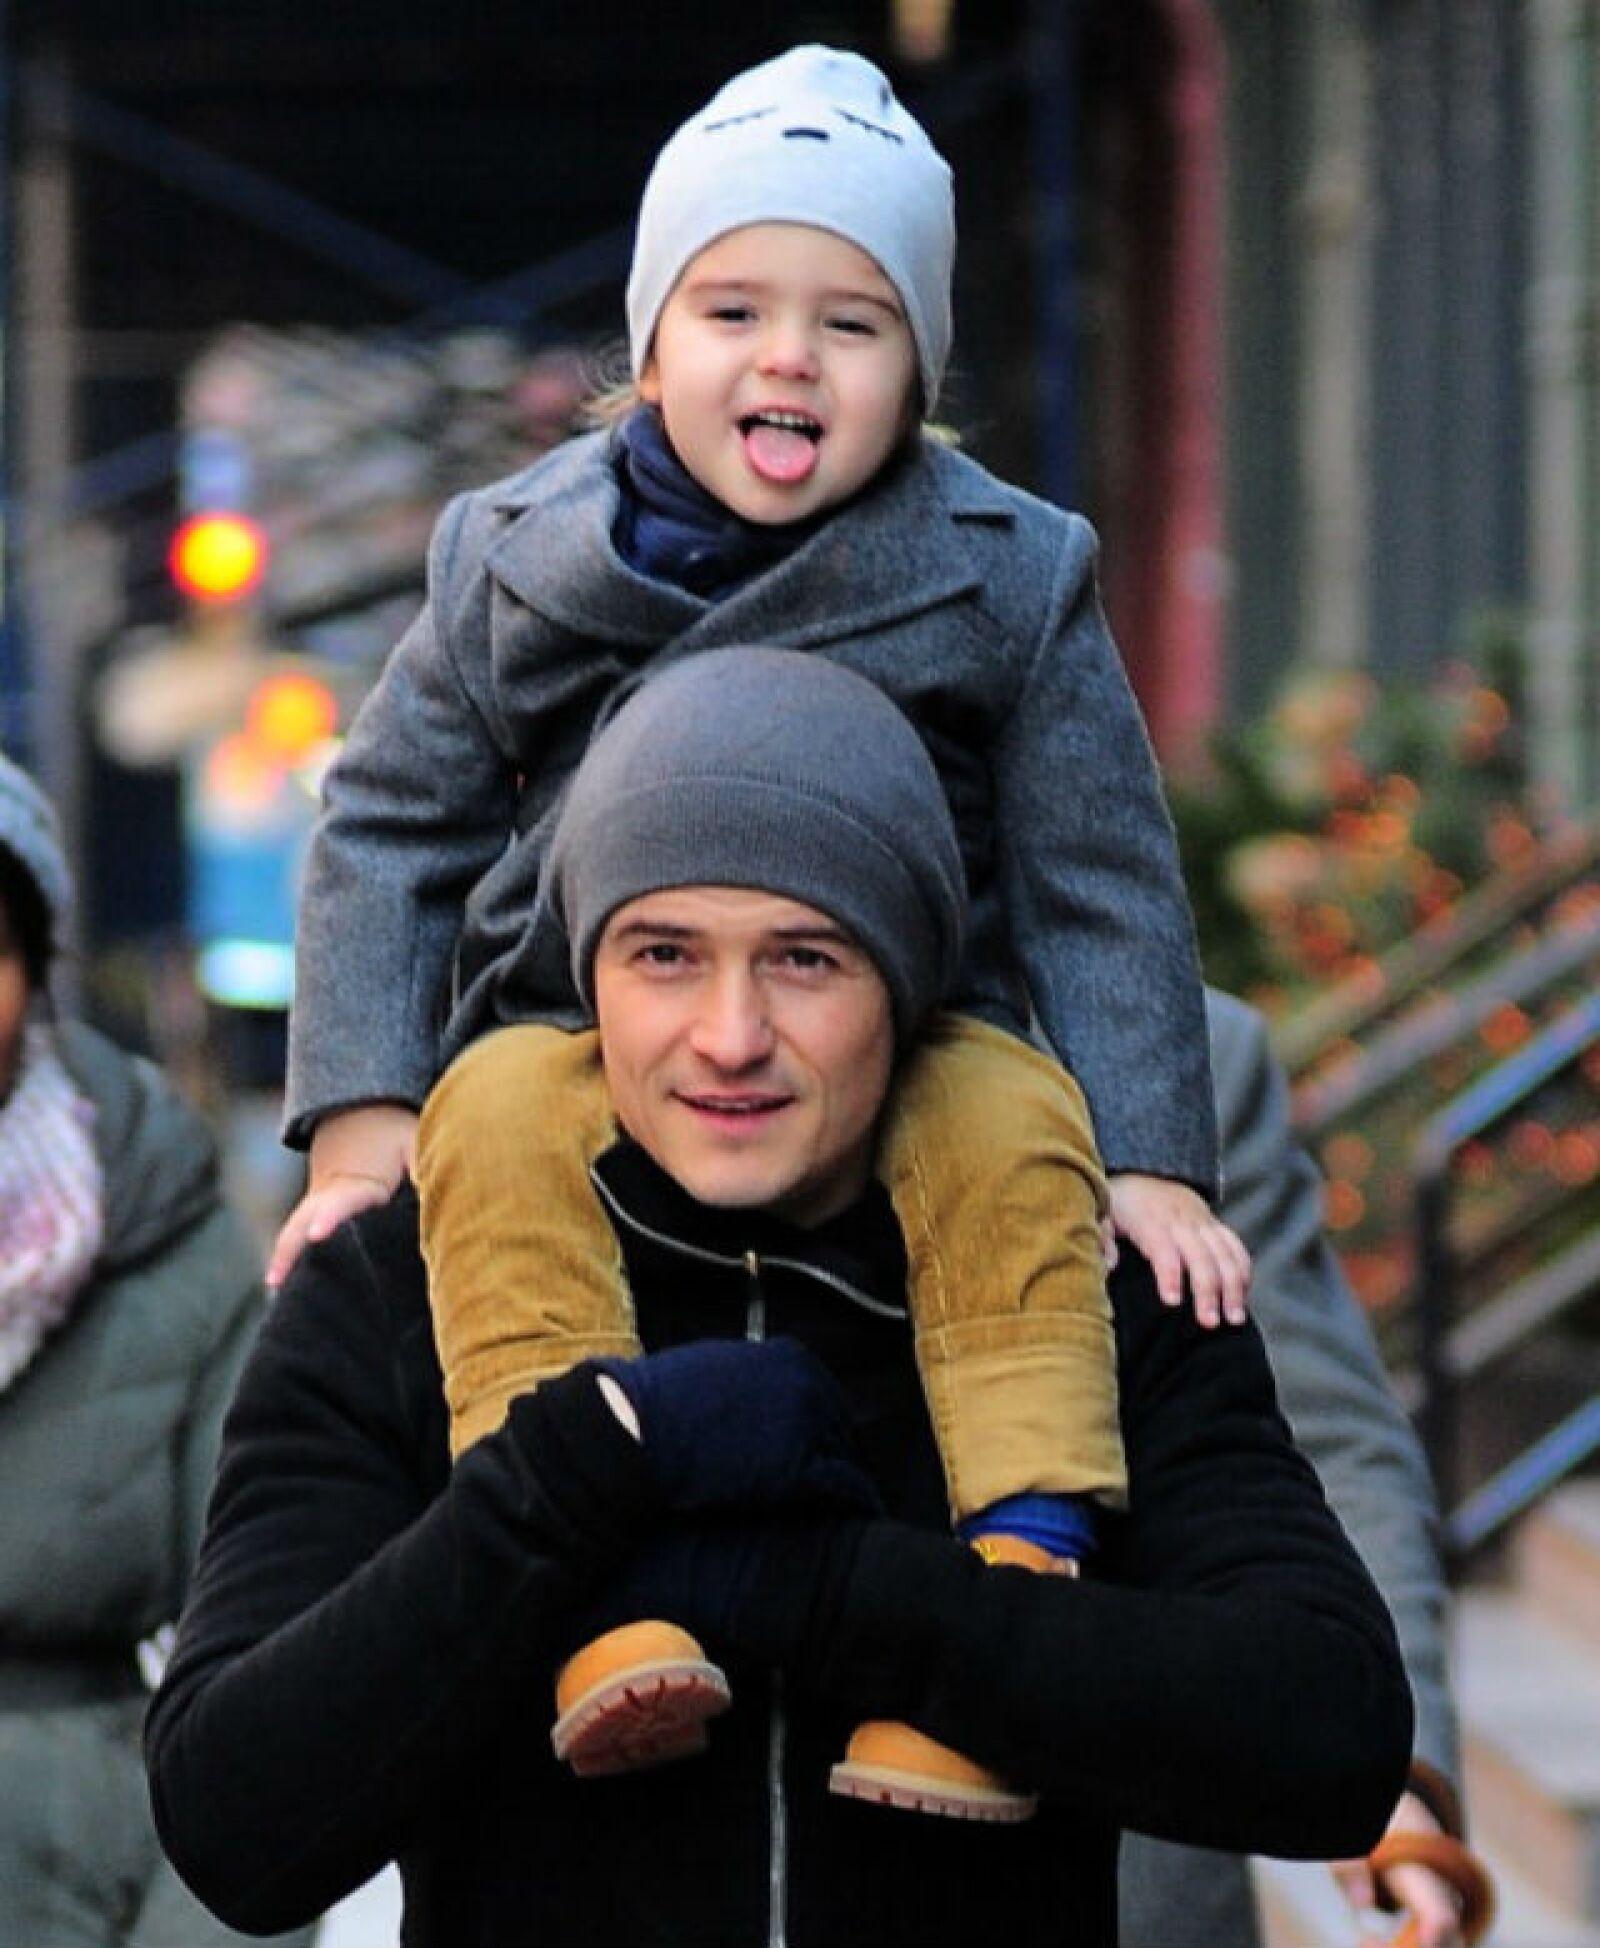 Orlando Bloom disfruta de pasear en Nueva York con su adorable hijo Flynn.